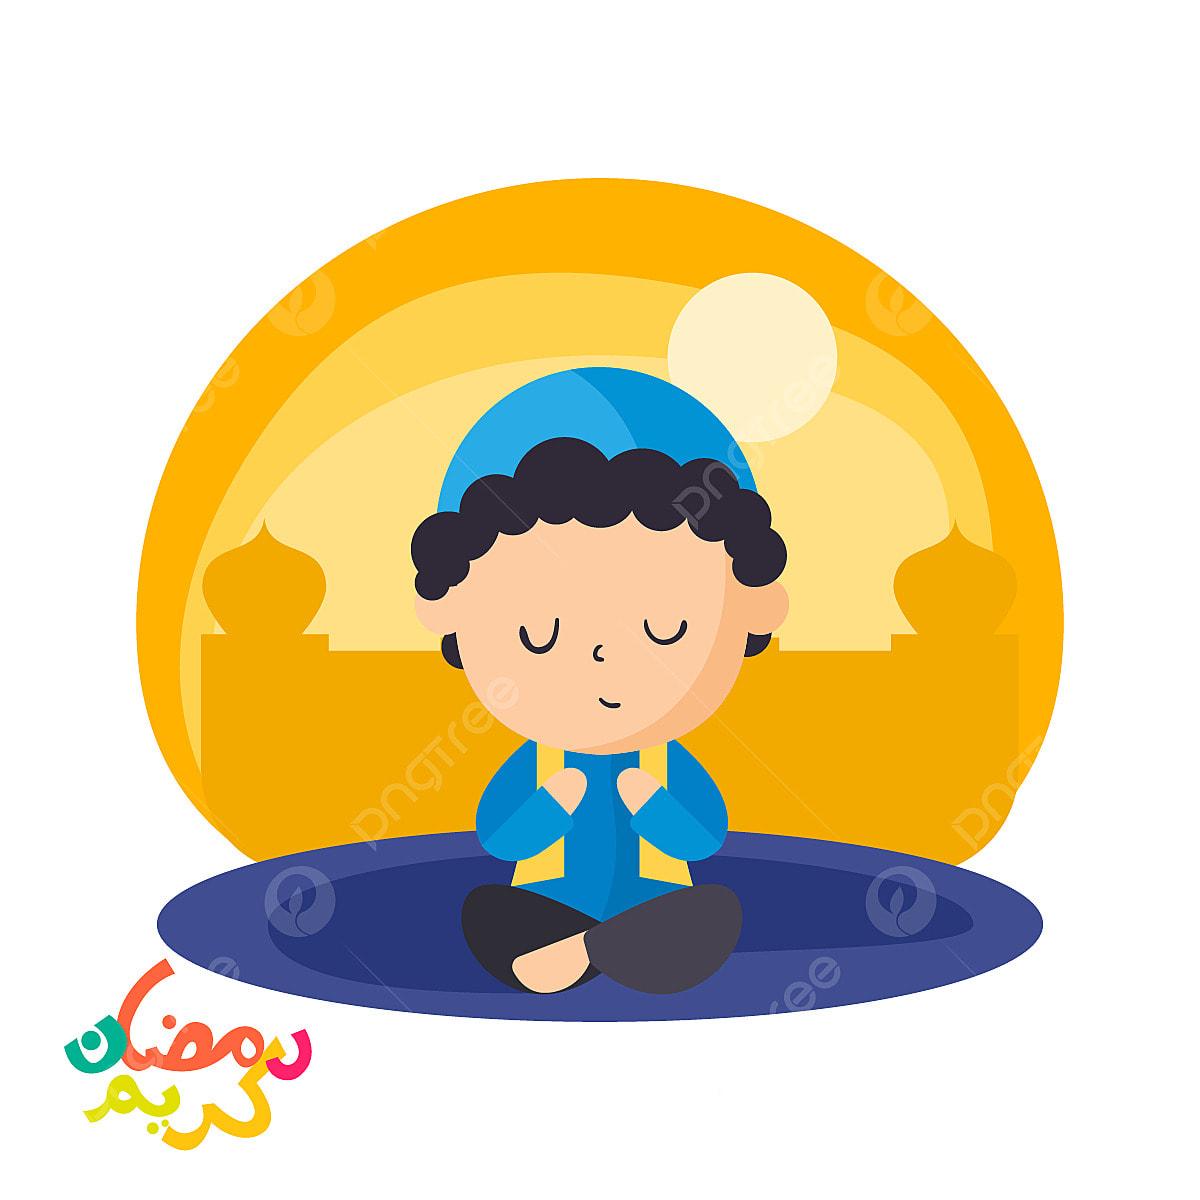 islam adalah duduk berdoa vektor ilustrasi muslim muda